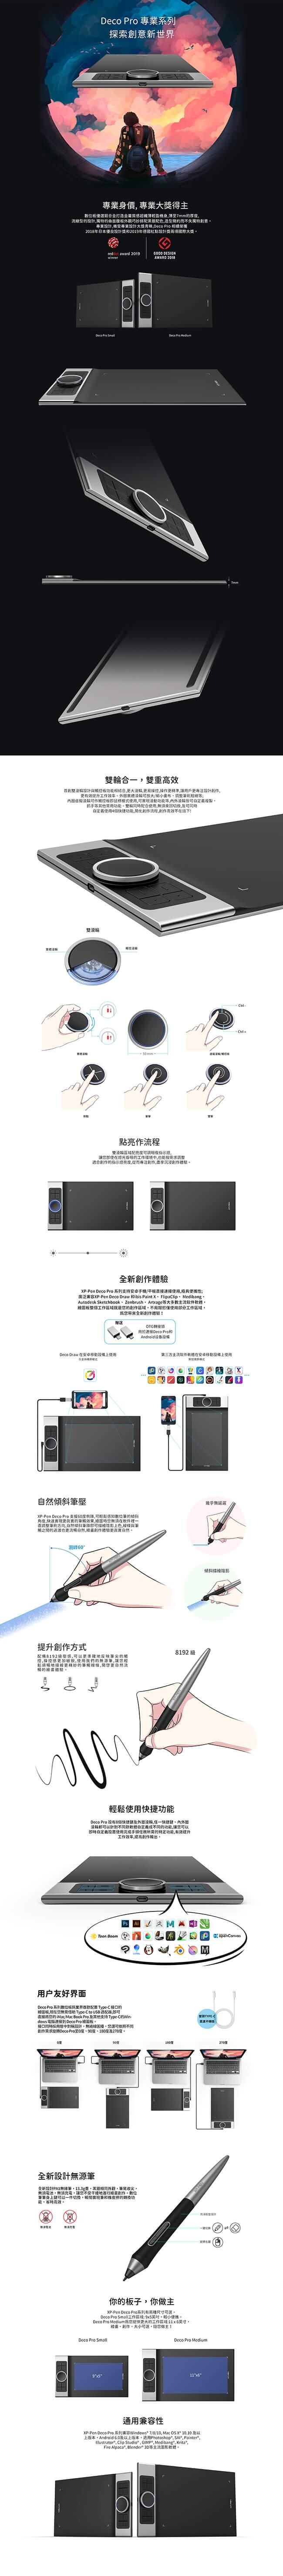 日本品牌XP-PEN Deco PRO M 11X6吋頂級專業超薄繪圖板